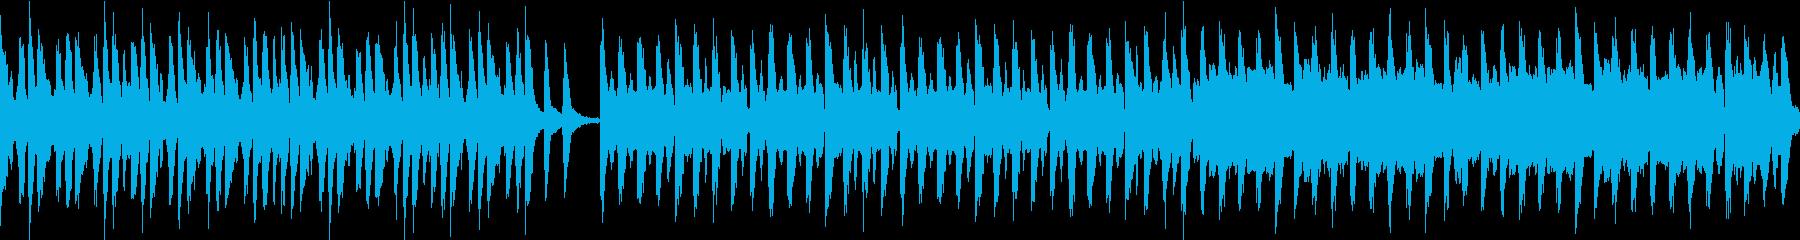 コミカル/静かめカラオケループ仕様の再生済みの波形